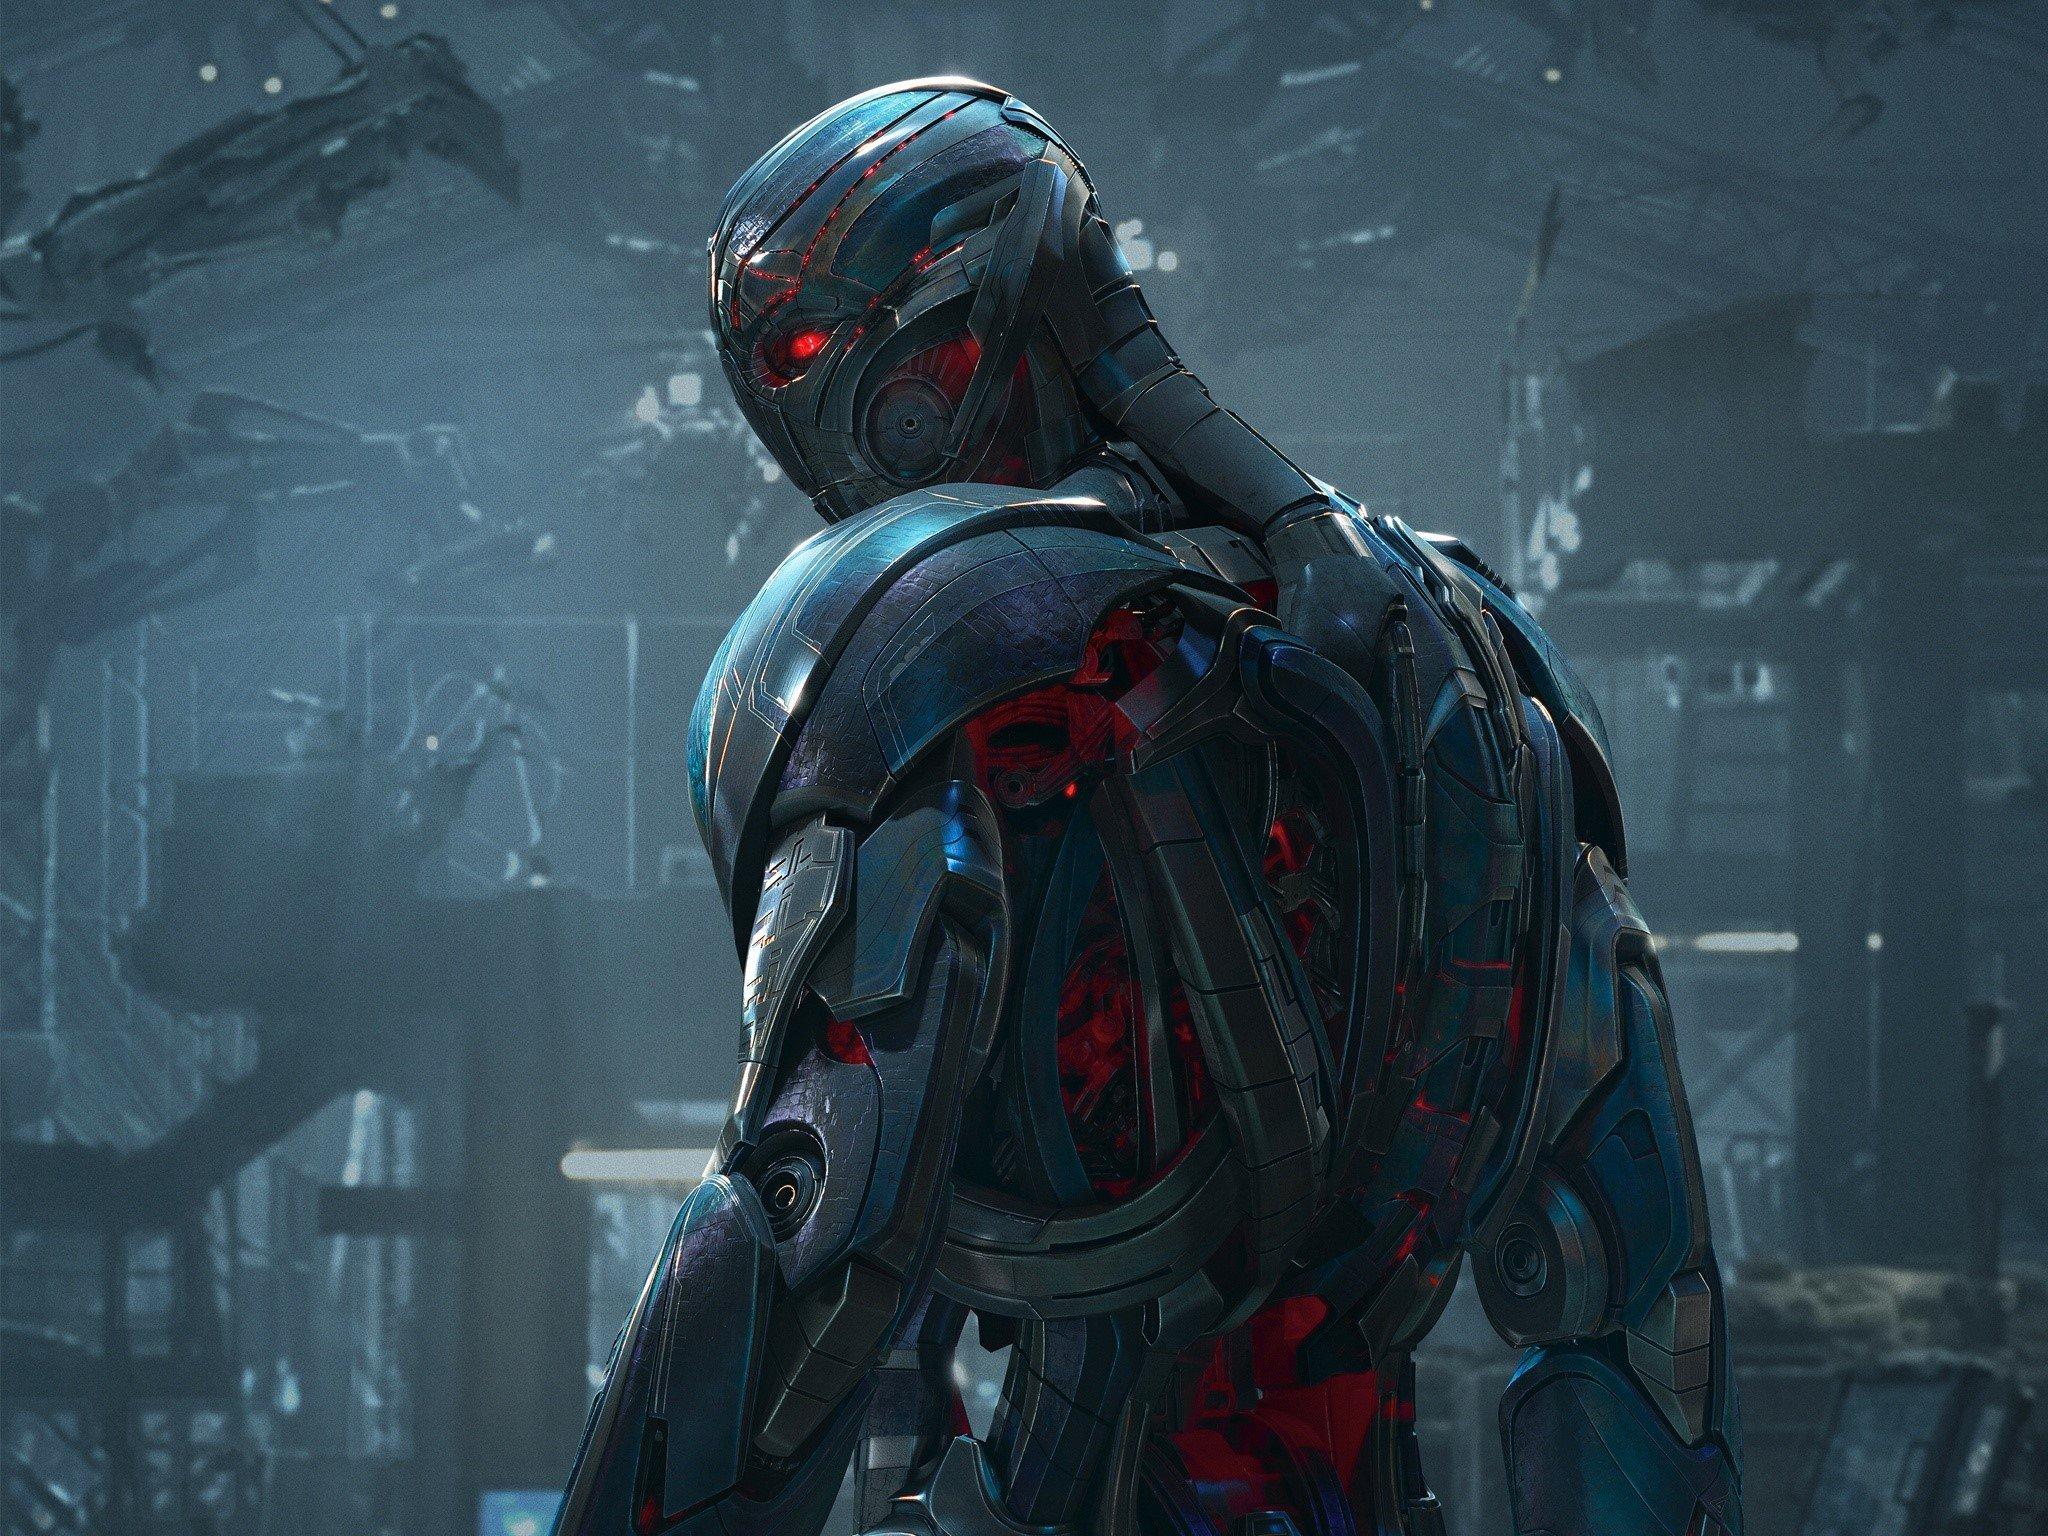 Fondos de pantalla Ultron en Avengers